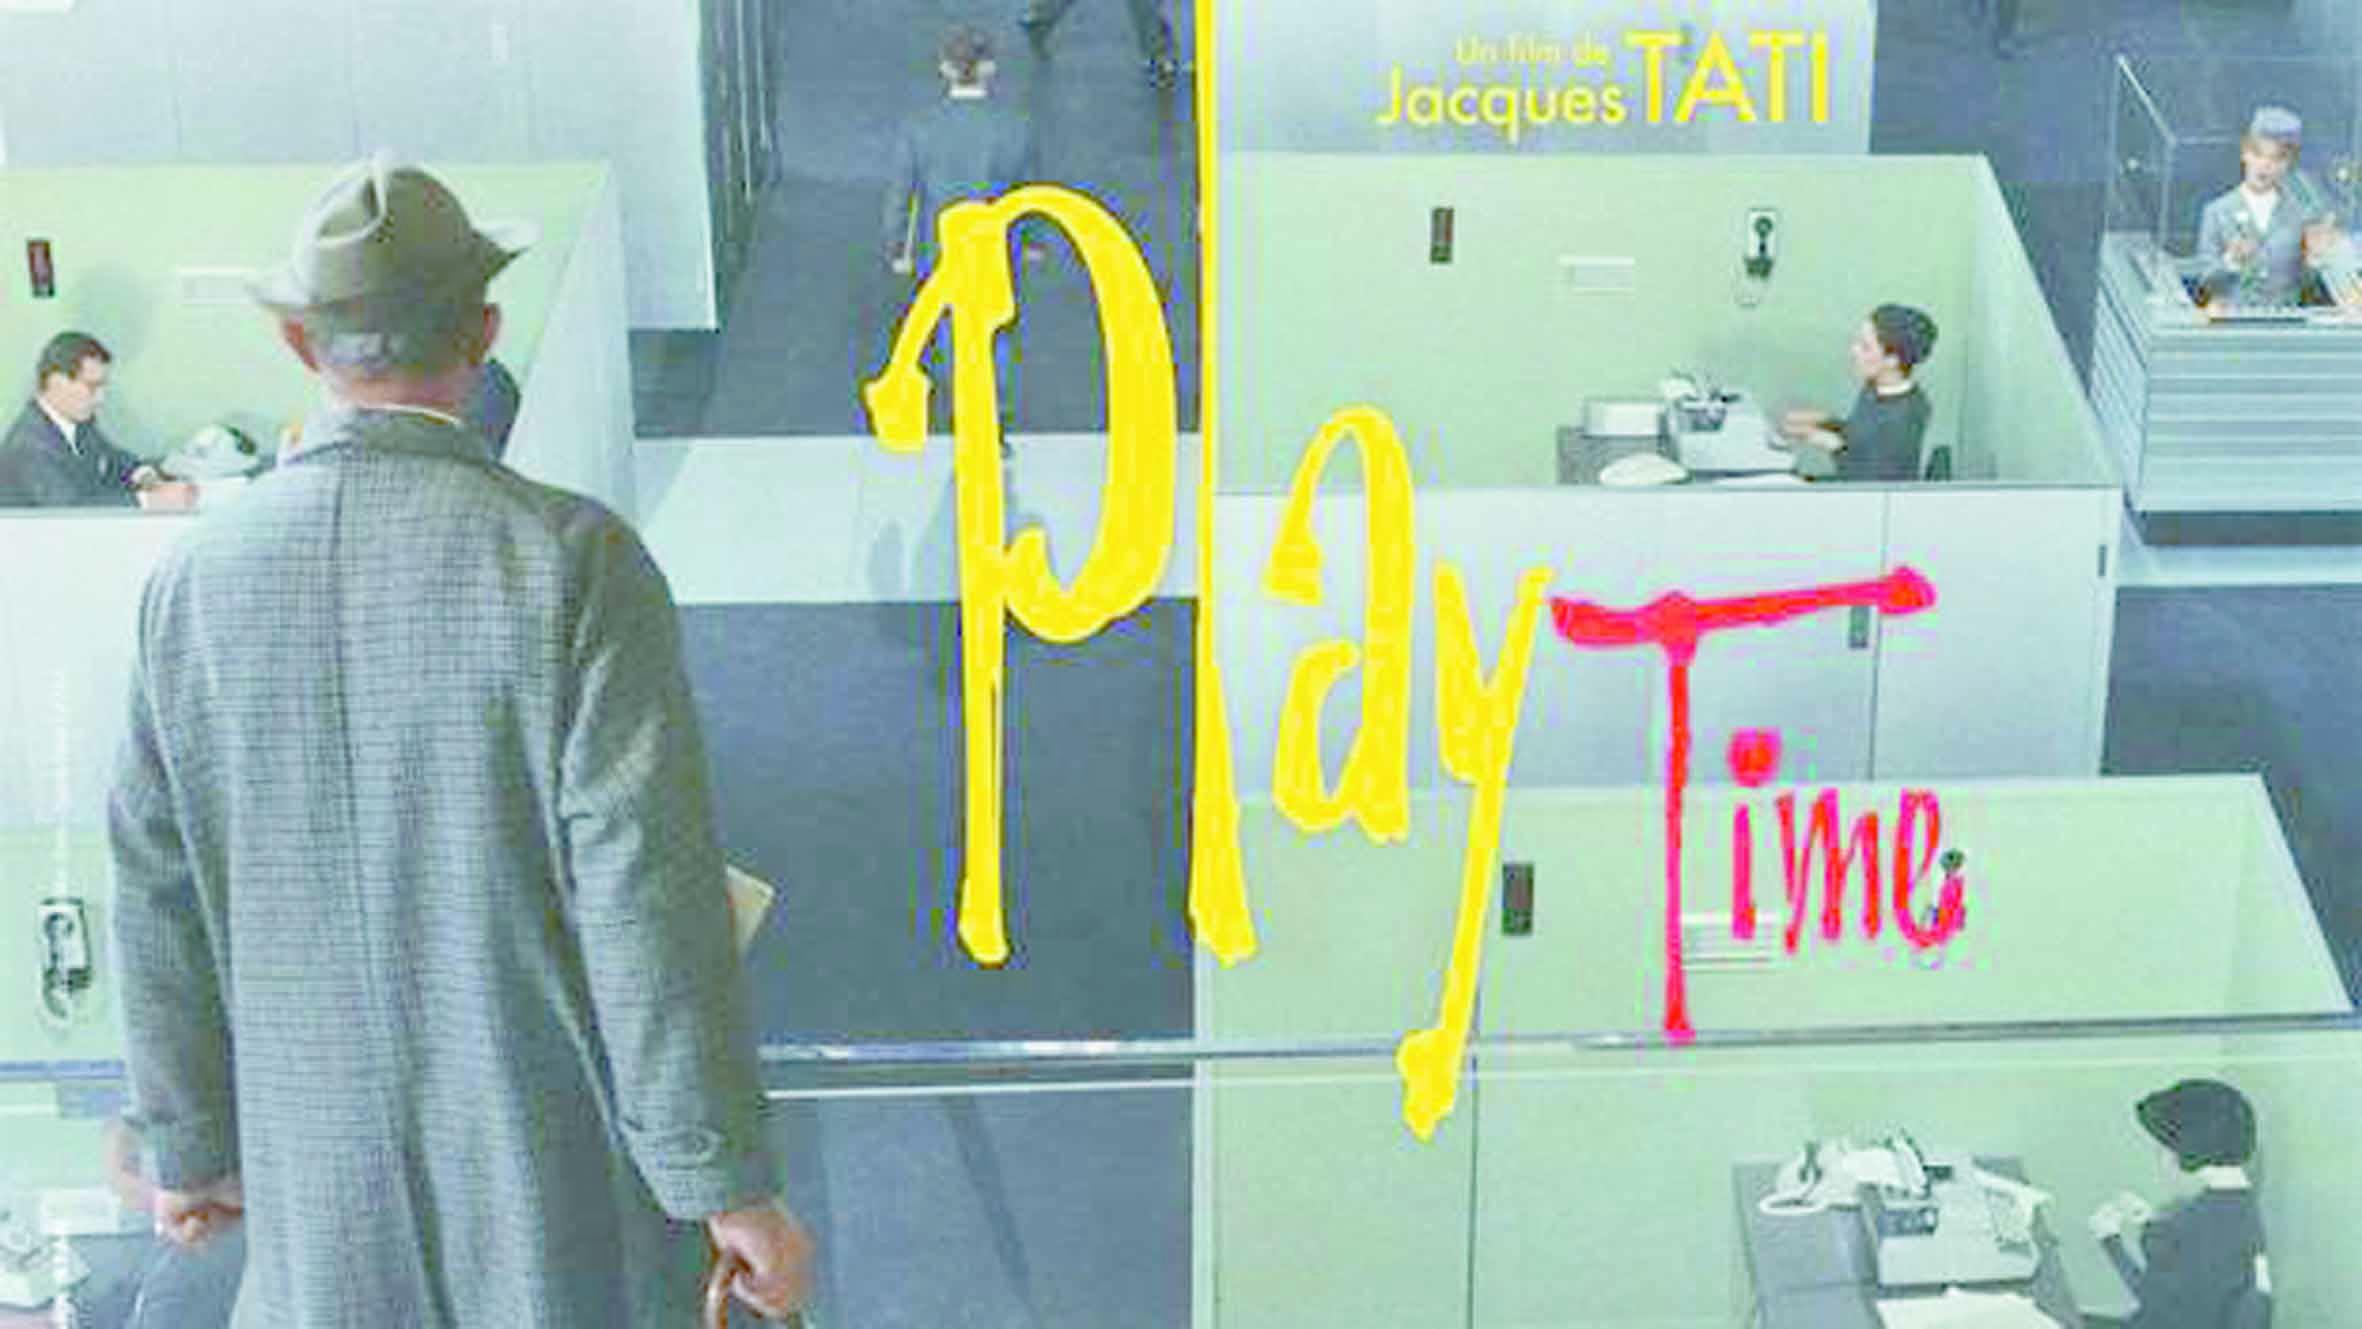 Les meilleurs films de tous les temps : 97 - Playtime Jacques Tati (1967)